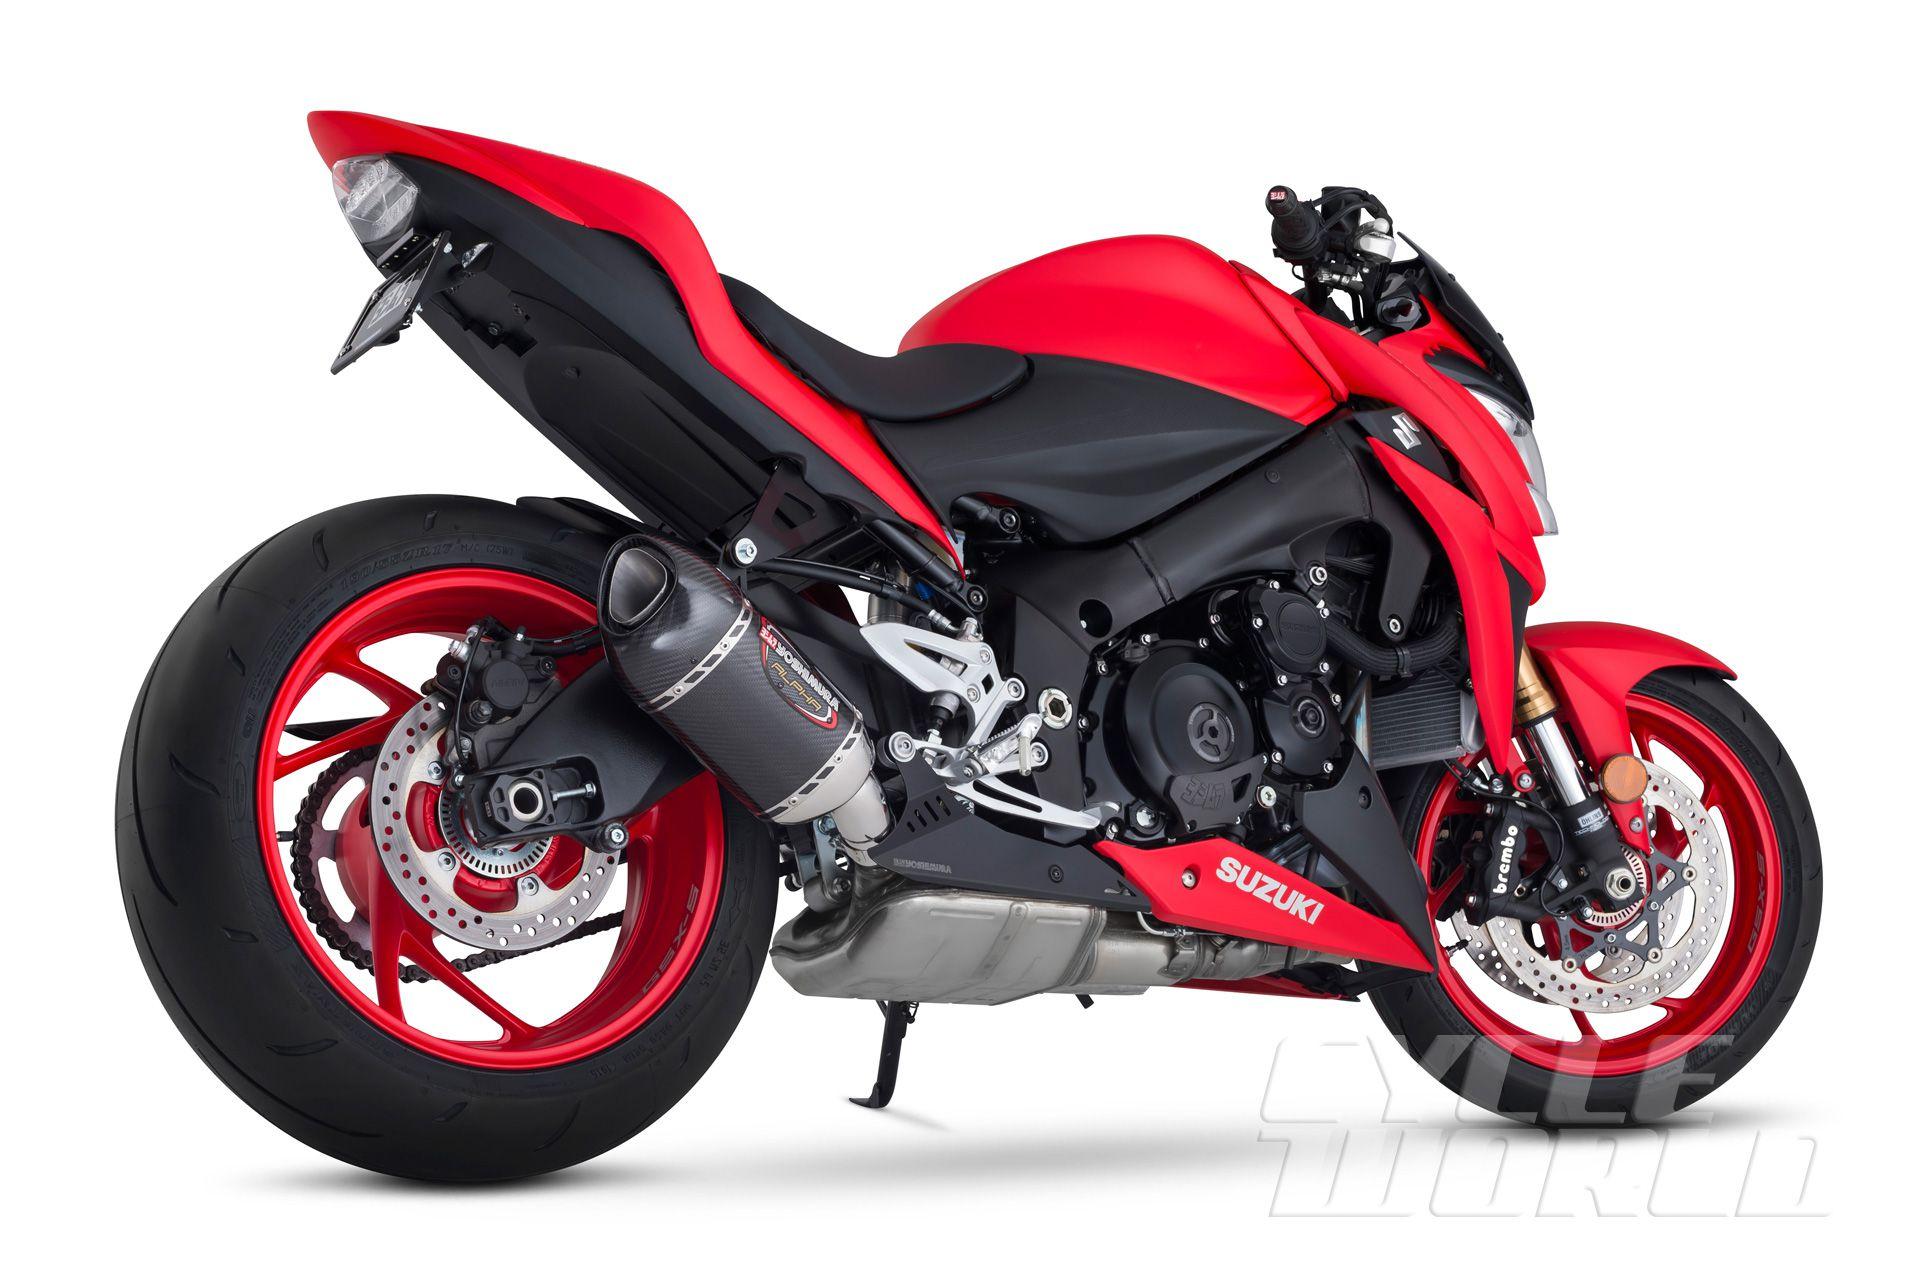 2016 Suzuki GSX-S1000 & GSX-S1000F Naked Motorcycles FIRST